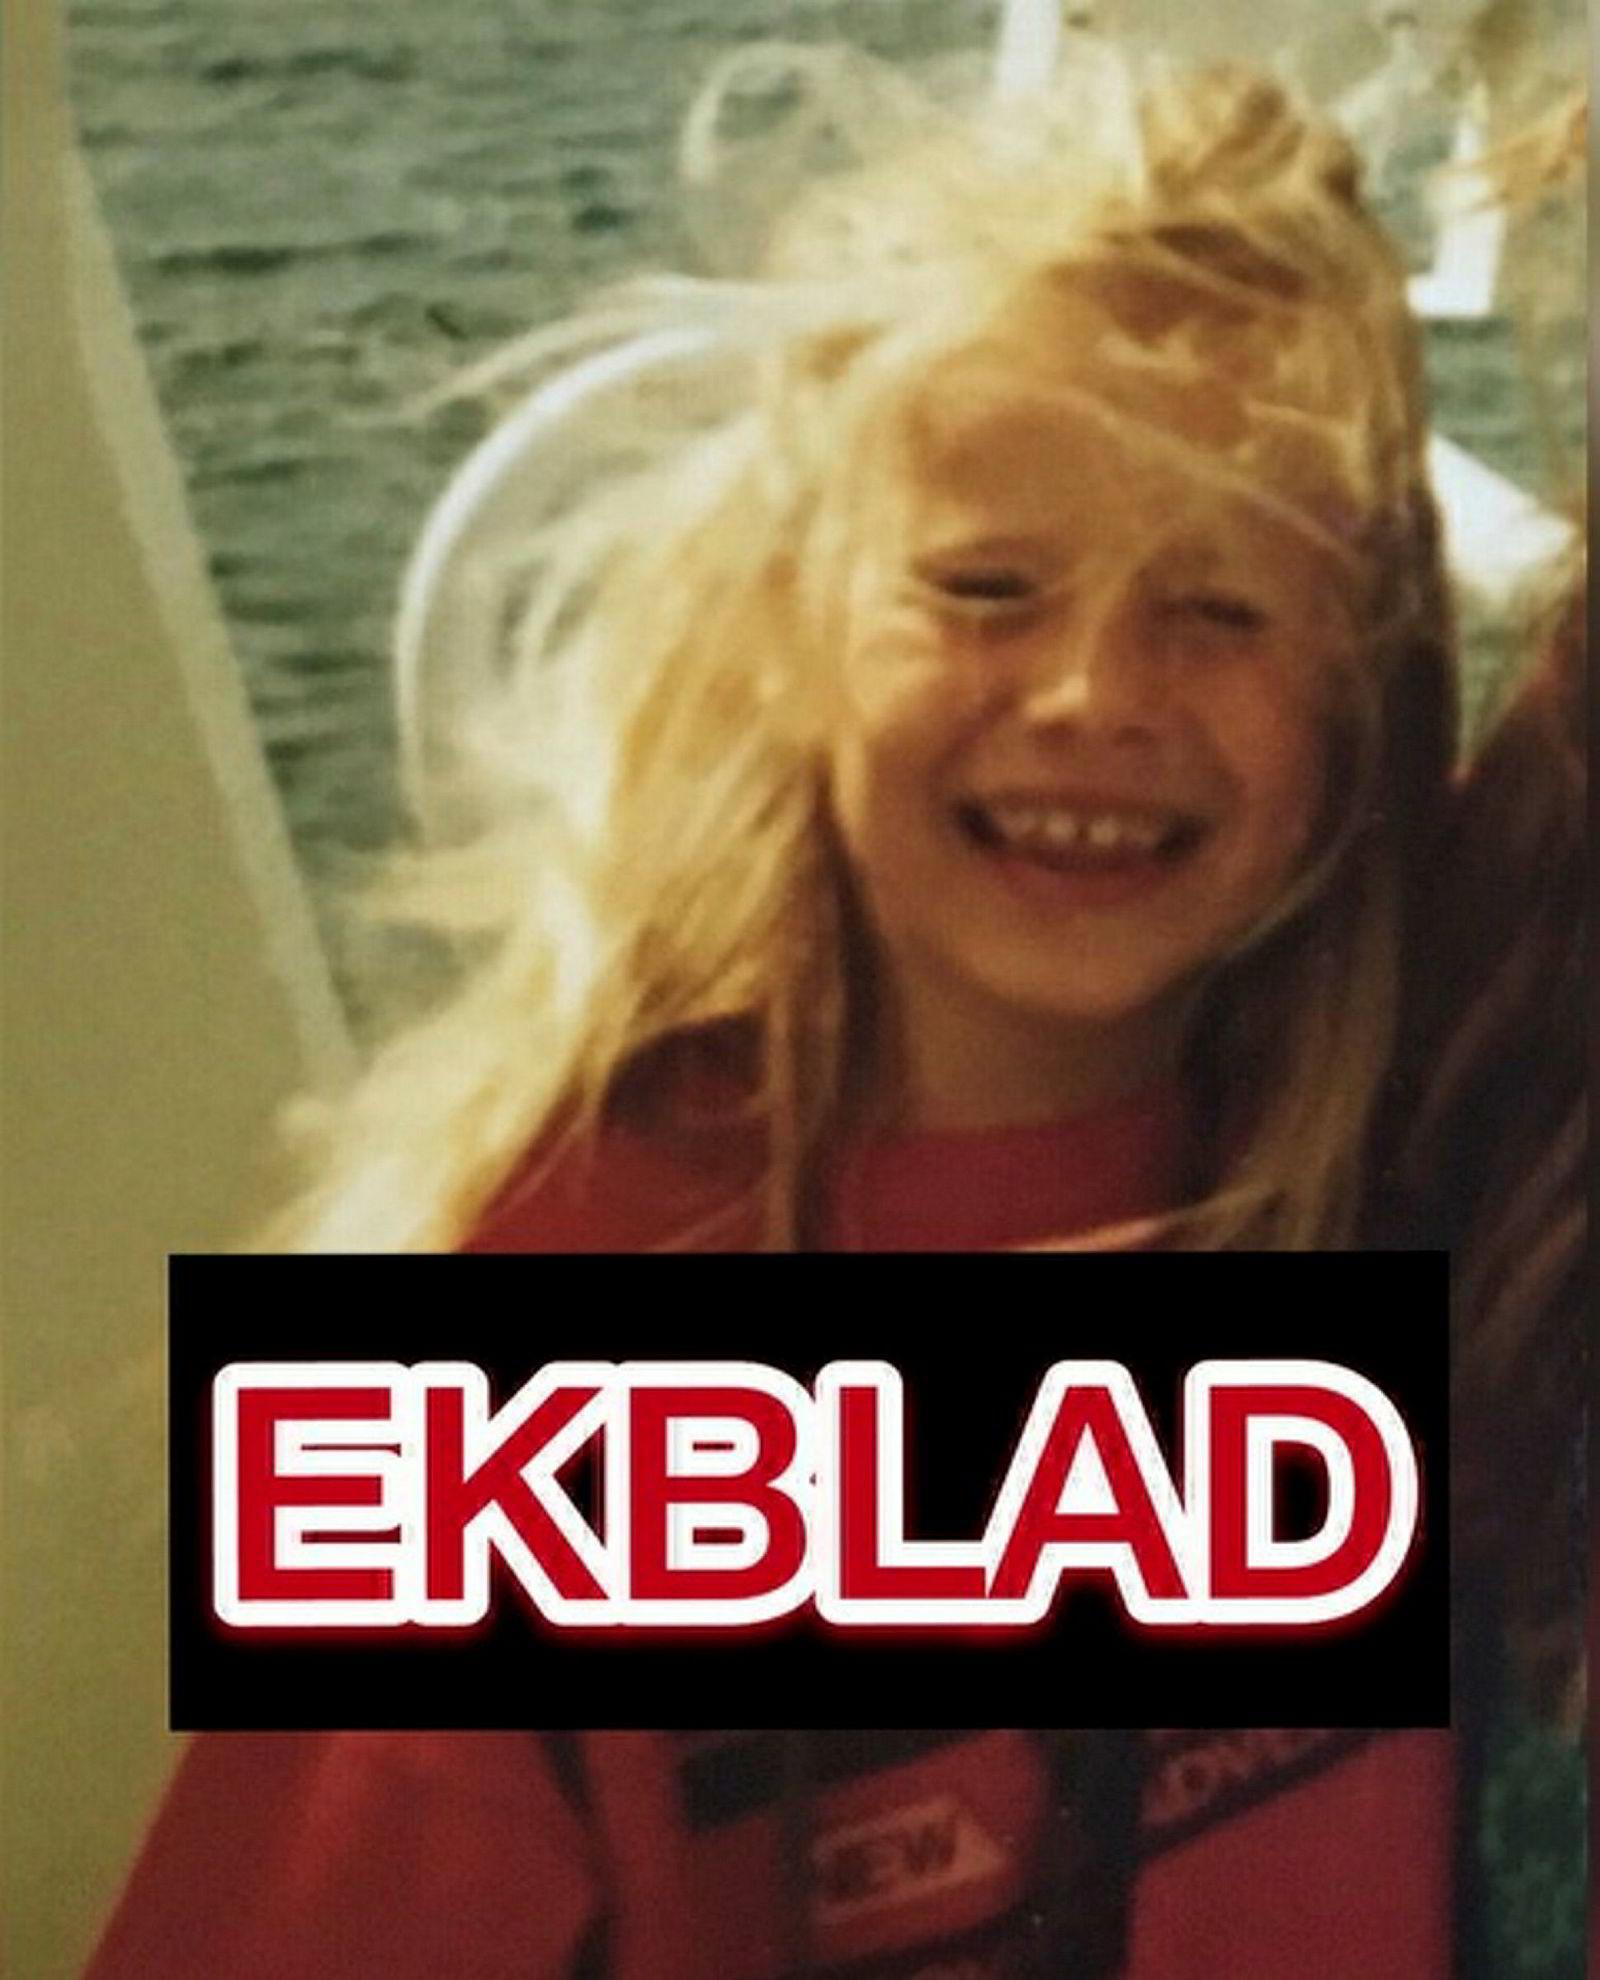 Slik så kunstverket ut etter at Ekblad byttet om bildet med et barndsombilde av seg selv. En midlertidig rettsavgjørelse i Tyskland gjør at Ekblad ikke har lov til å distribuere det originale bildet.